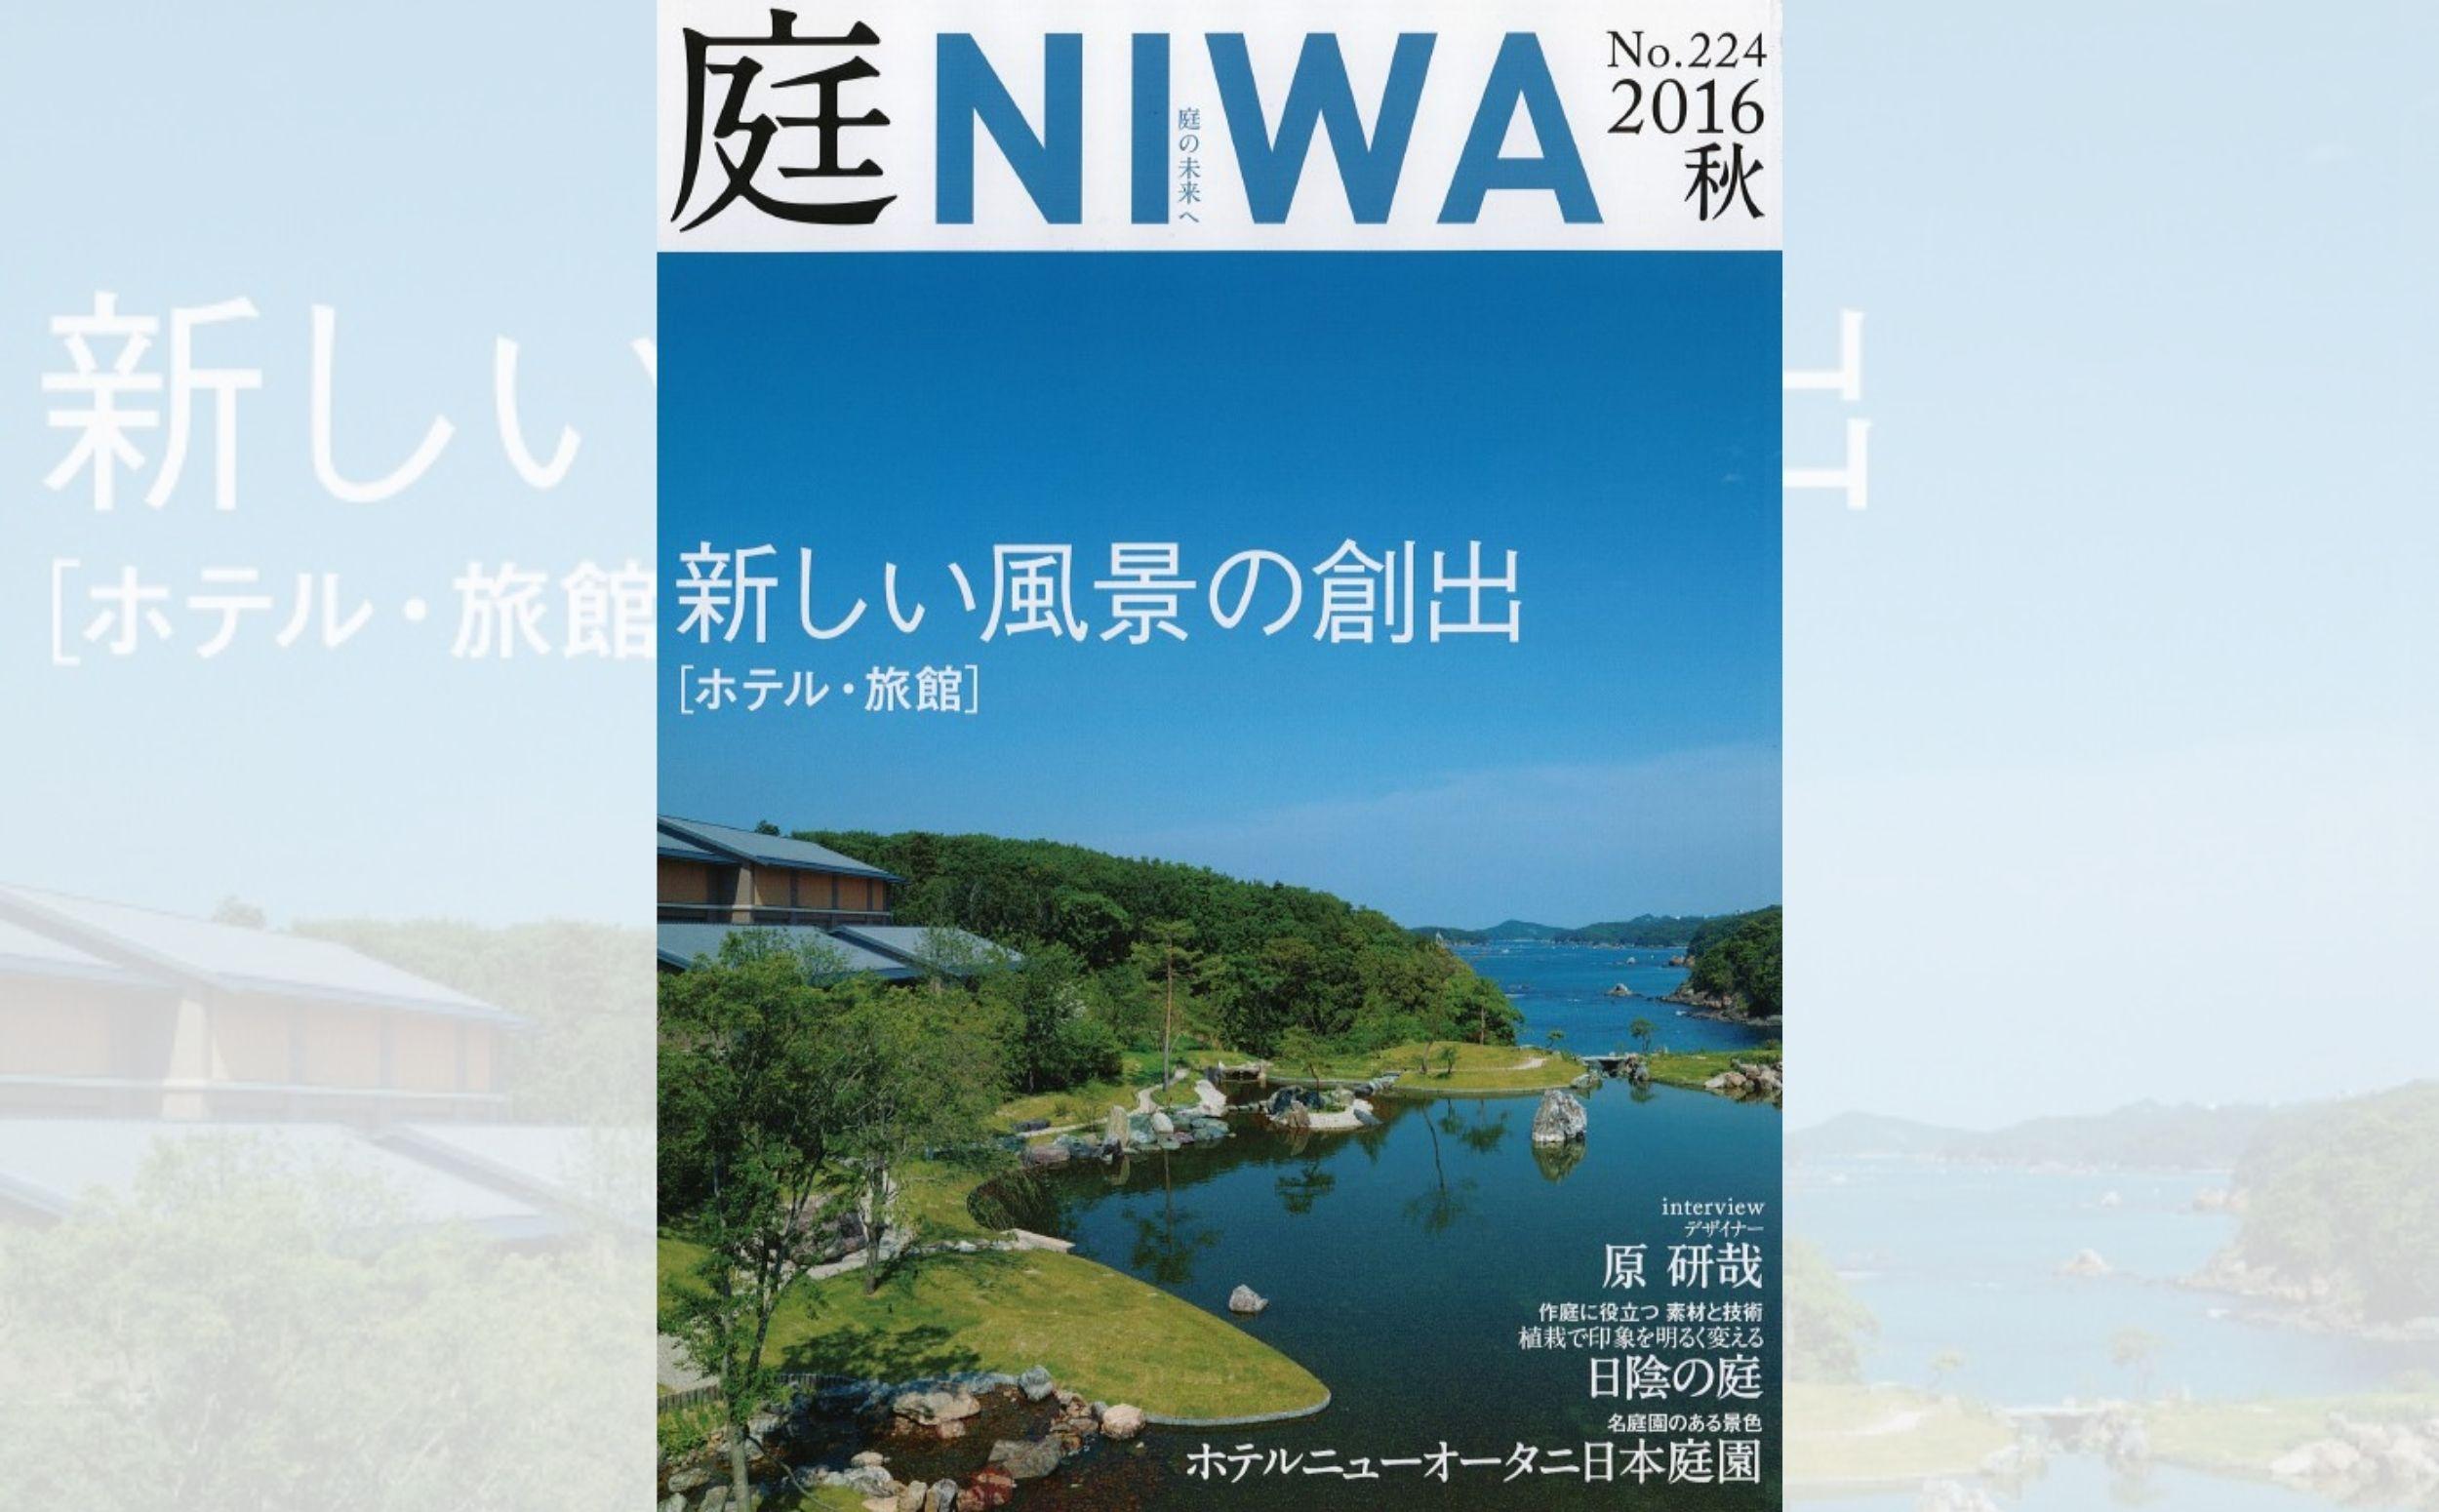 庭NIWA No.224 2016秋『新しい風景の創出 [ホテル・旅館]』